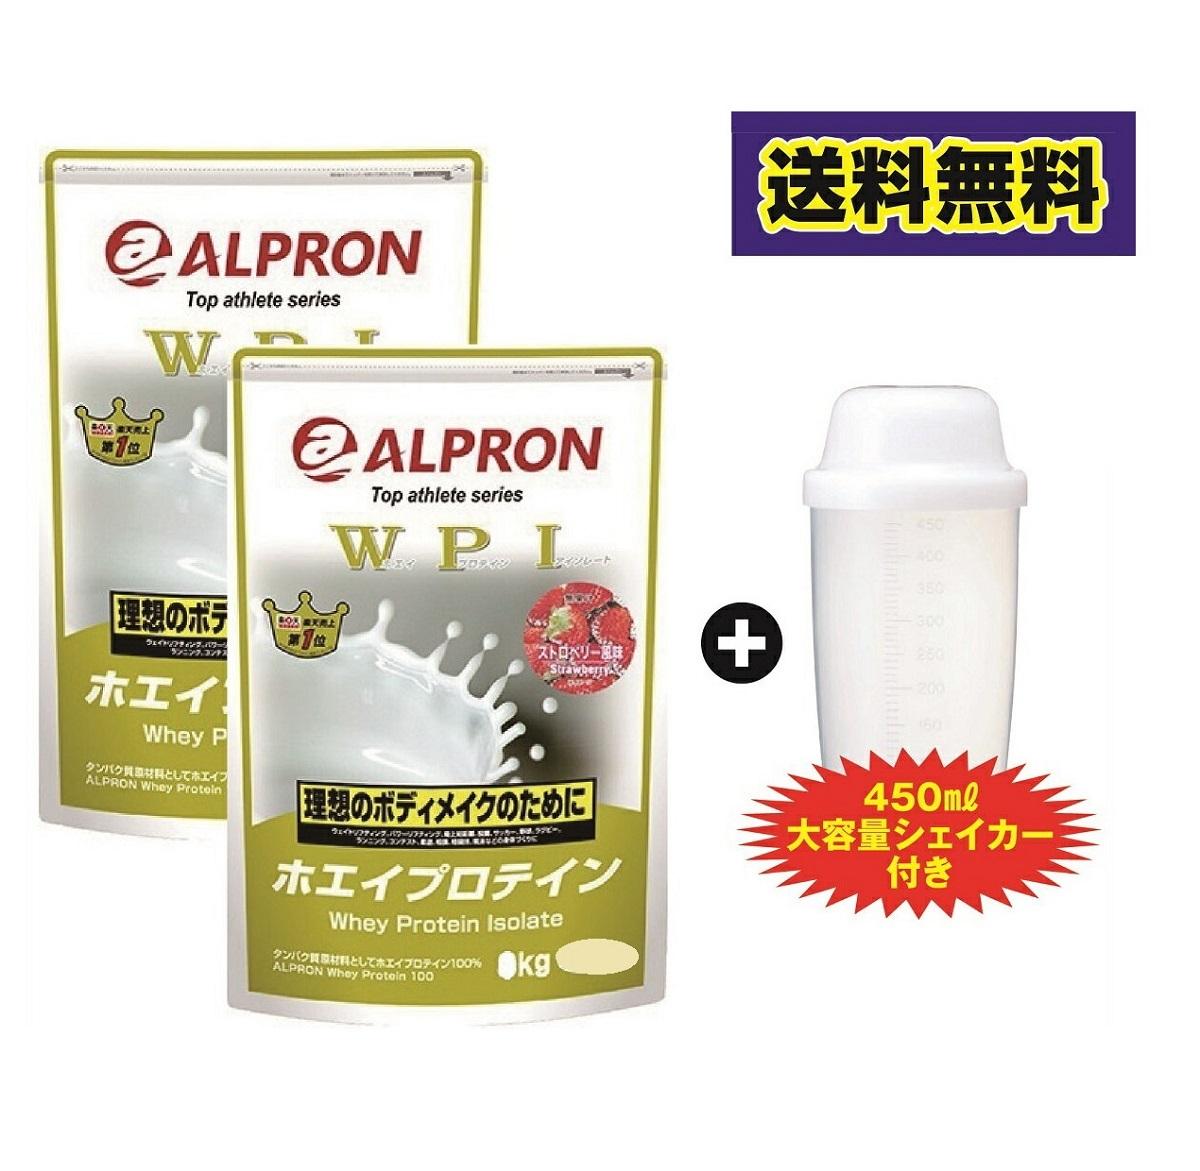 【2袋・シェイカー付】【送料無料】アルプロン -ALPRON- ホエイプロテイン WPI ストロベリー (3kg)【アミノ酸スコア100】